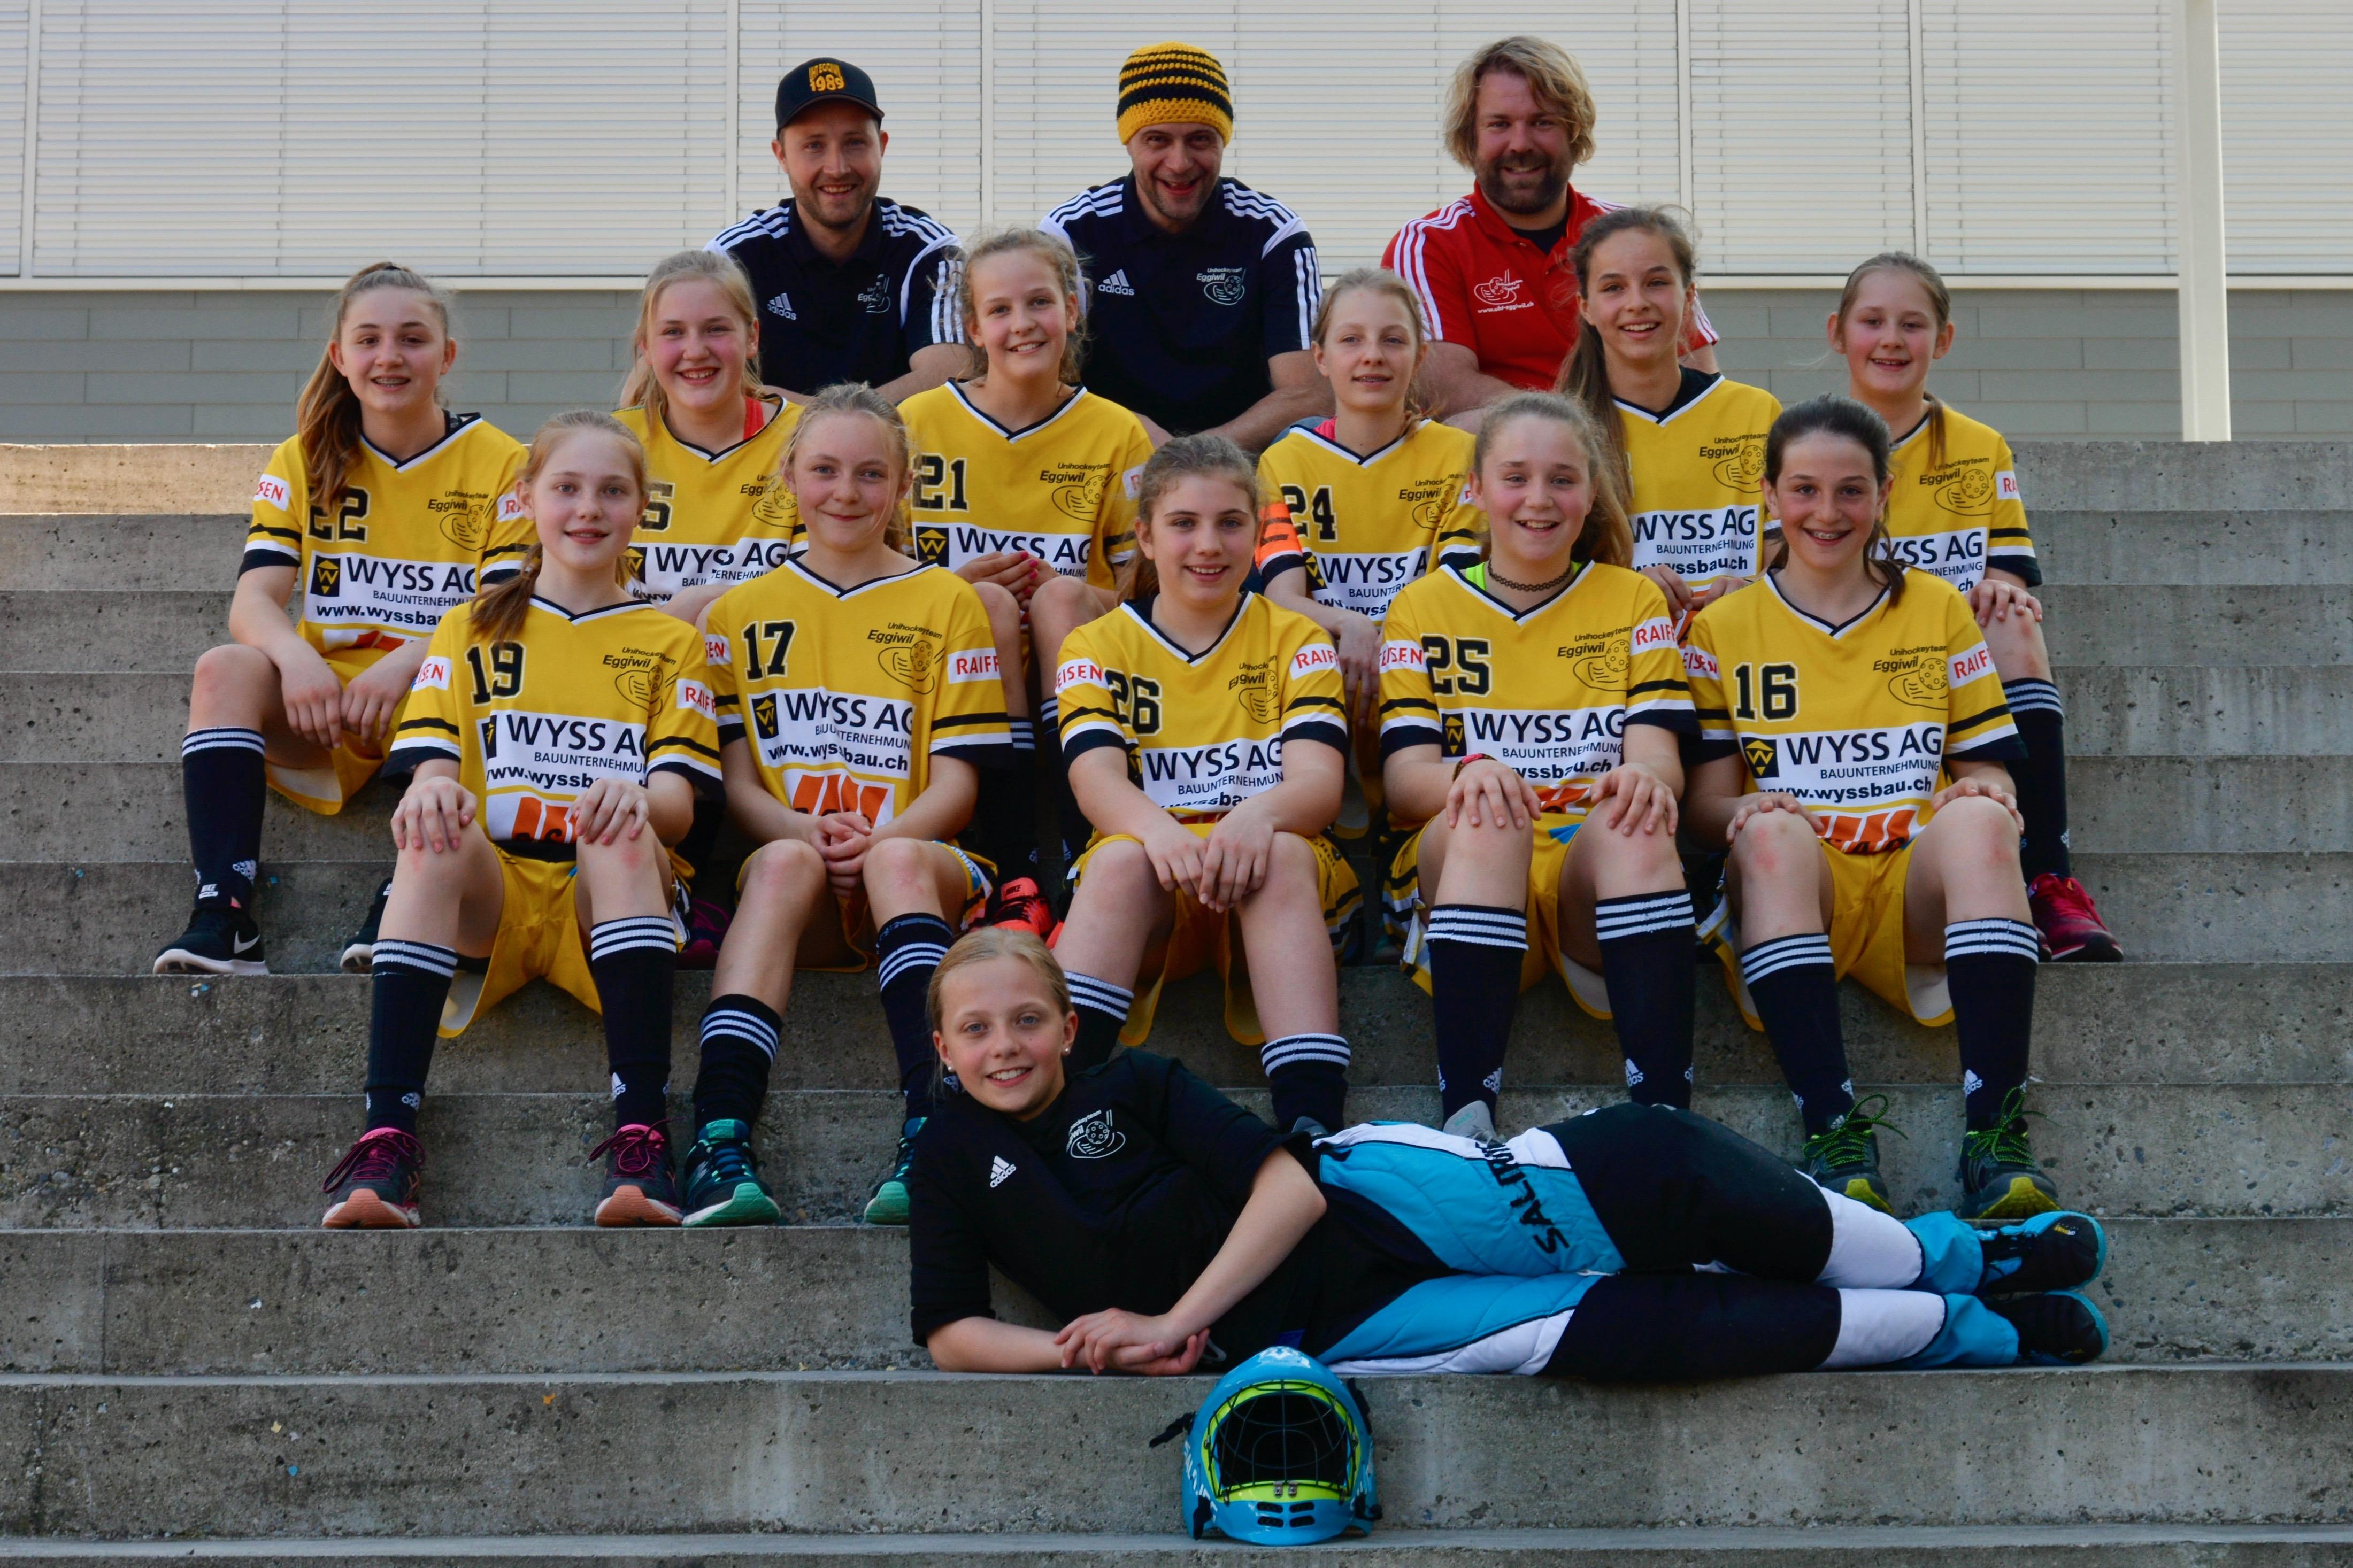 Juniorinnen C - Schweizermeisterschaft in Oberdorf/BL Saison 2016/17